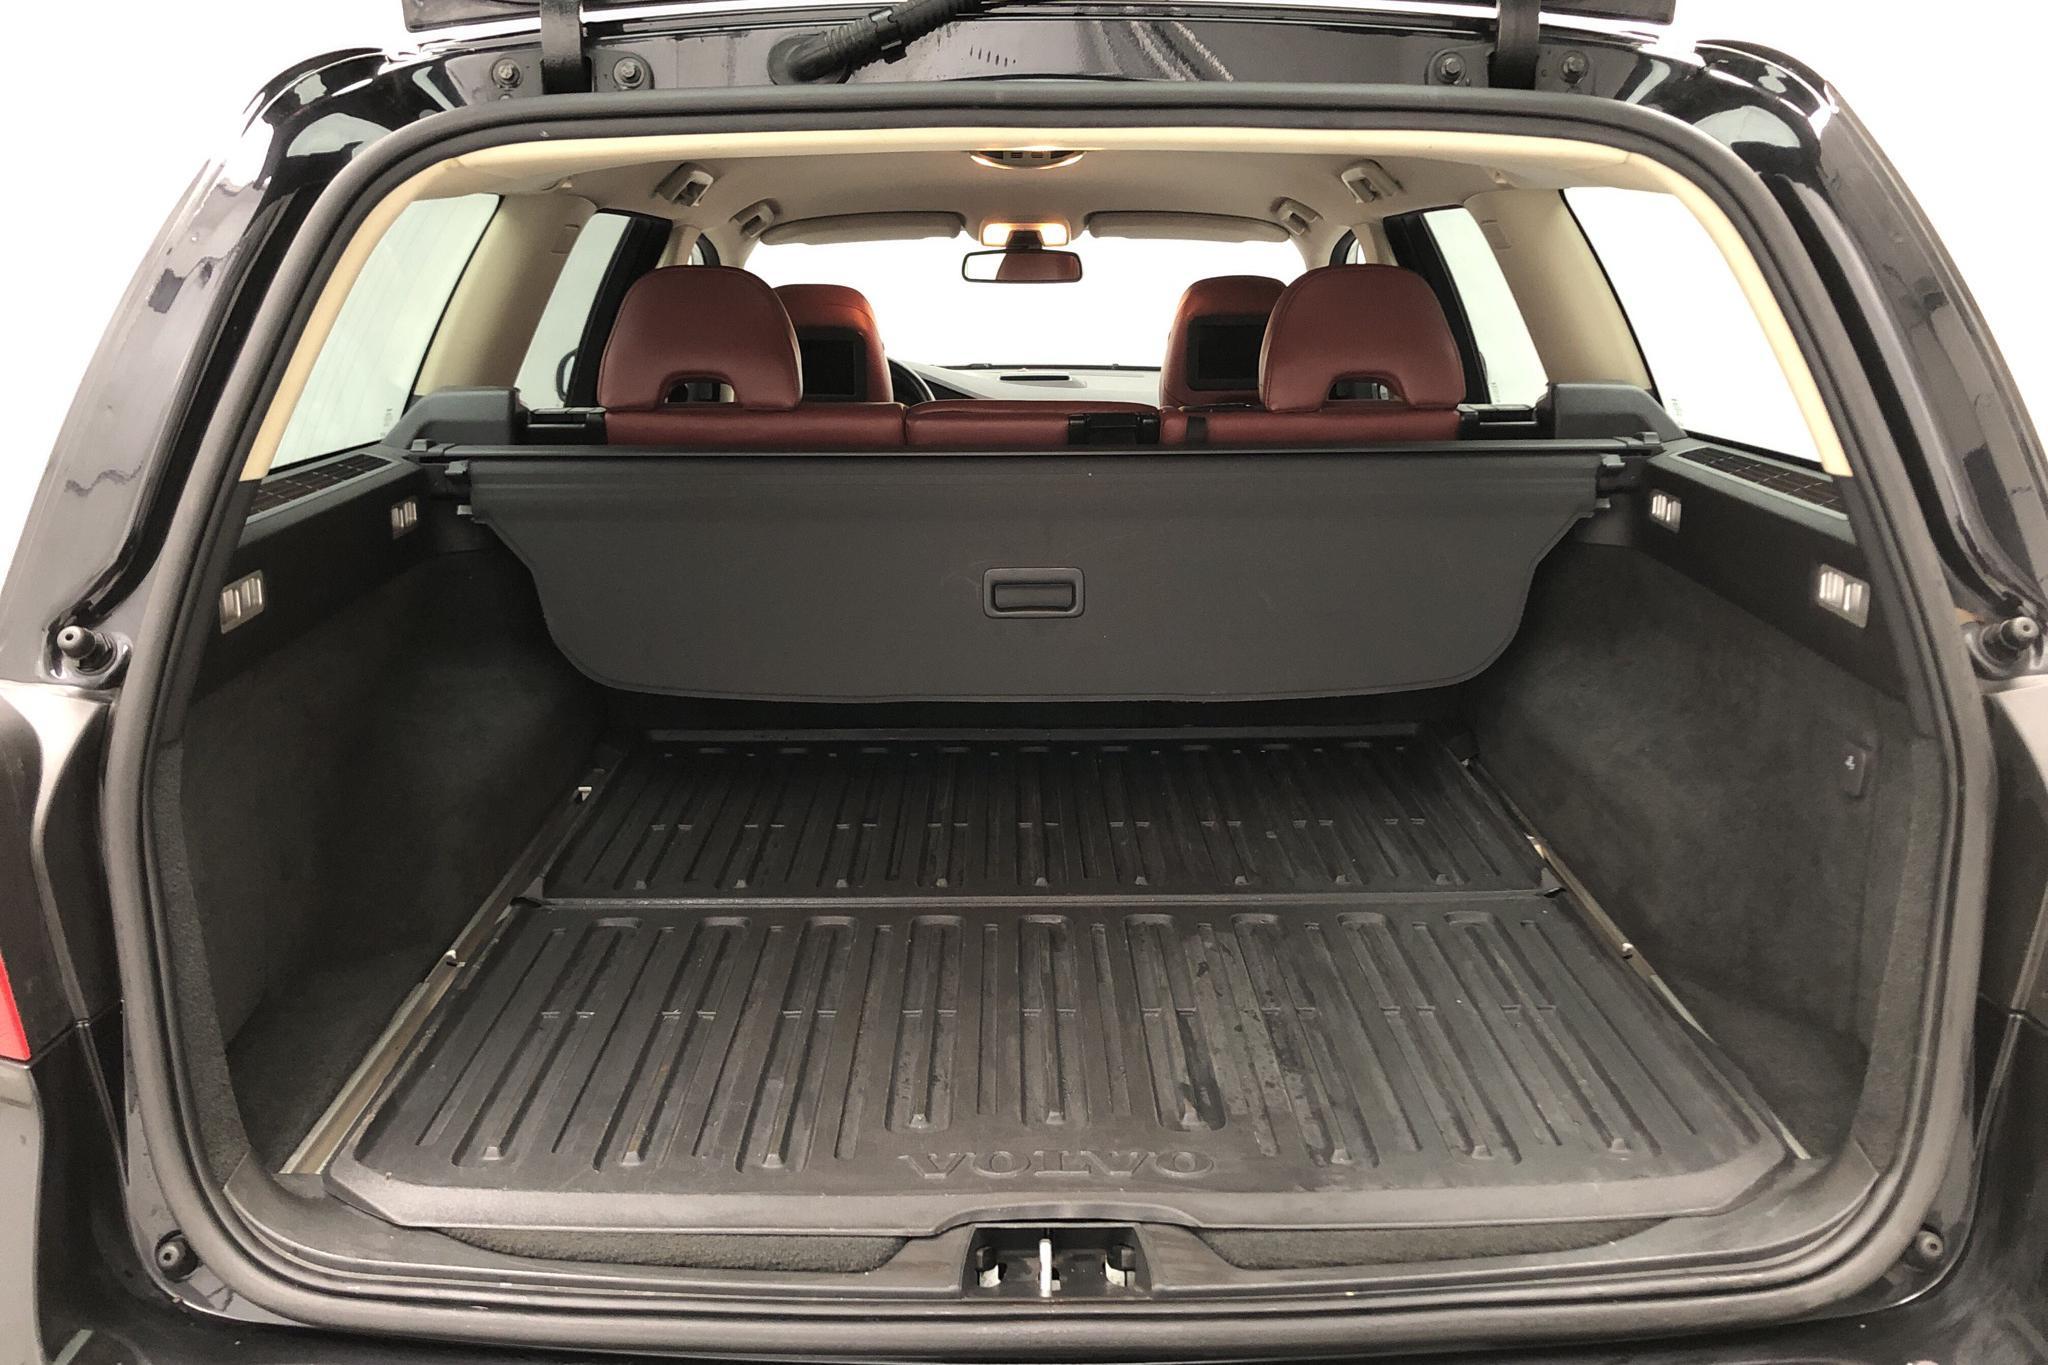 Volvo V70 II T6 AWD (285hk) - 21 416 mil - Automat - svart - 2008